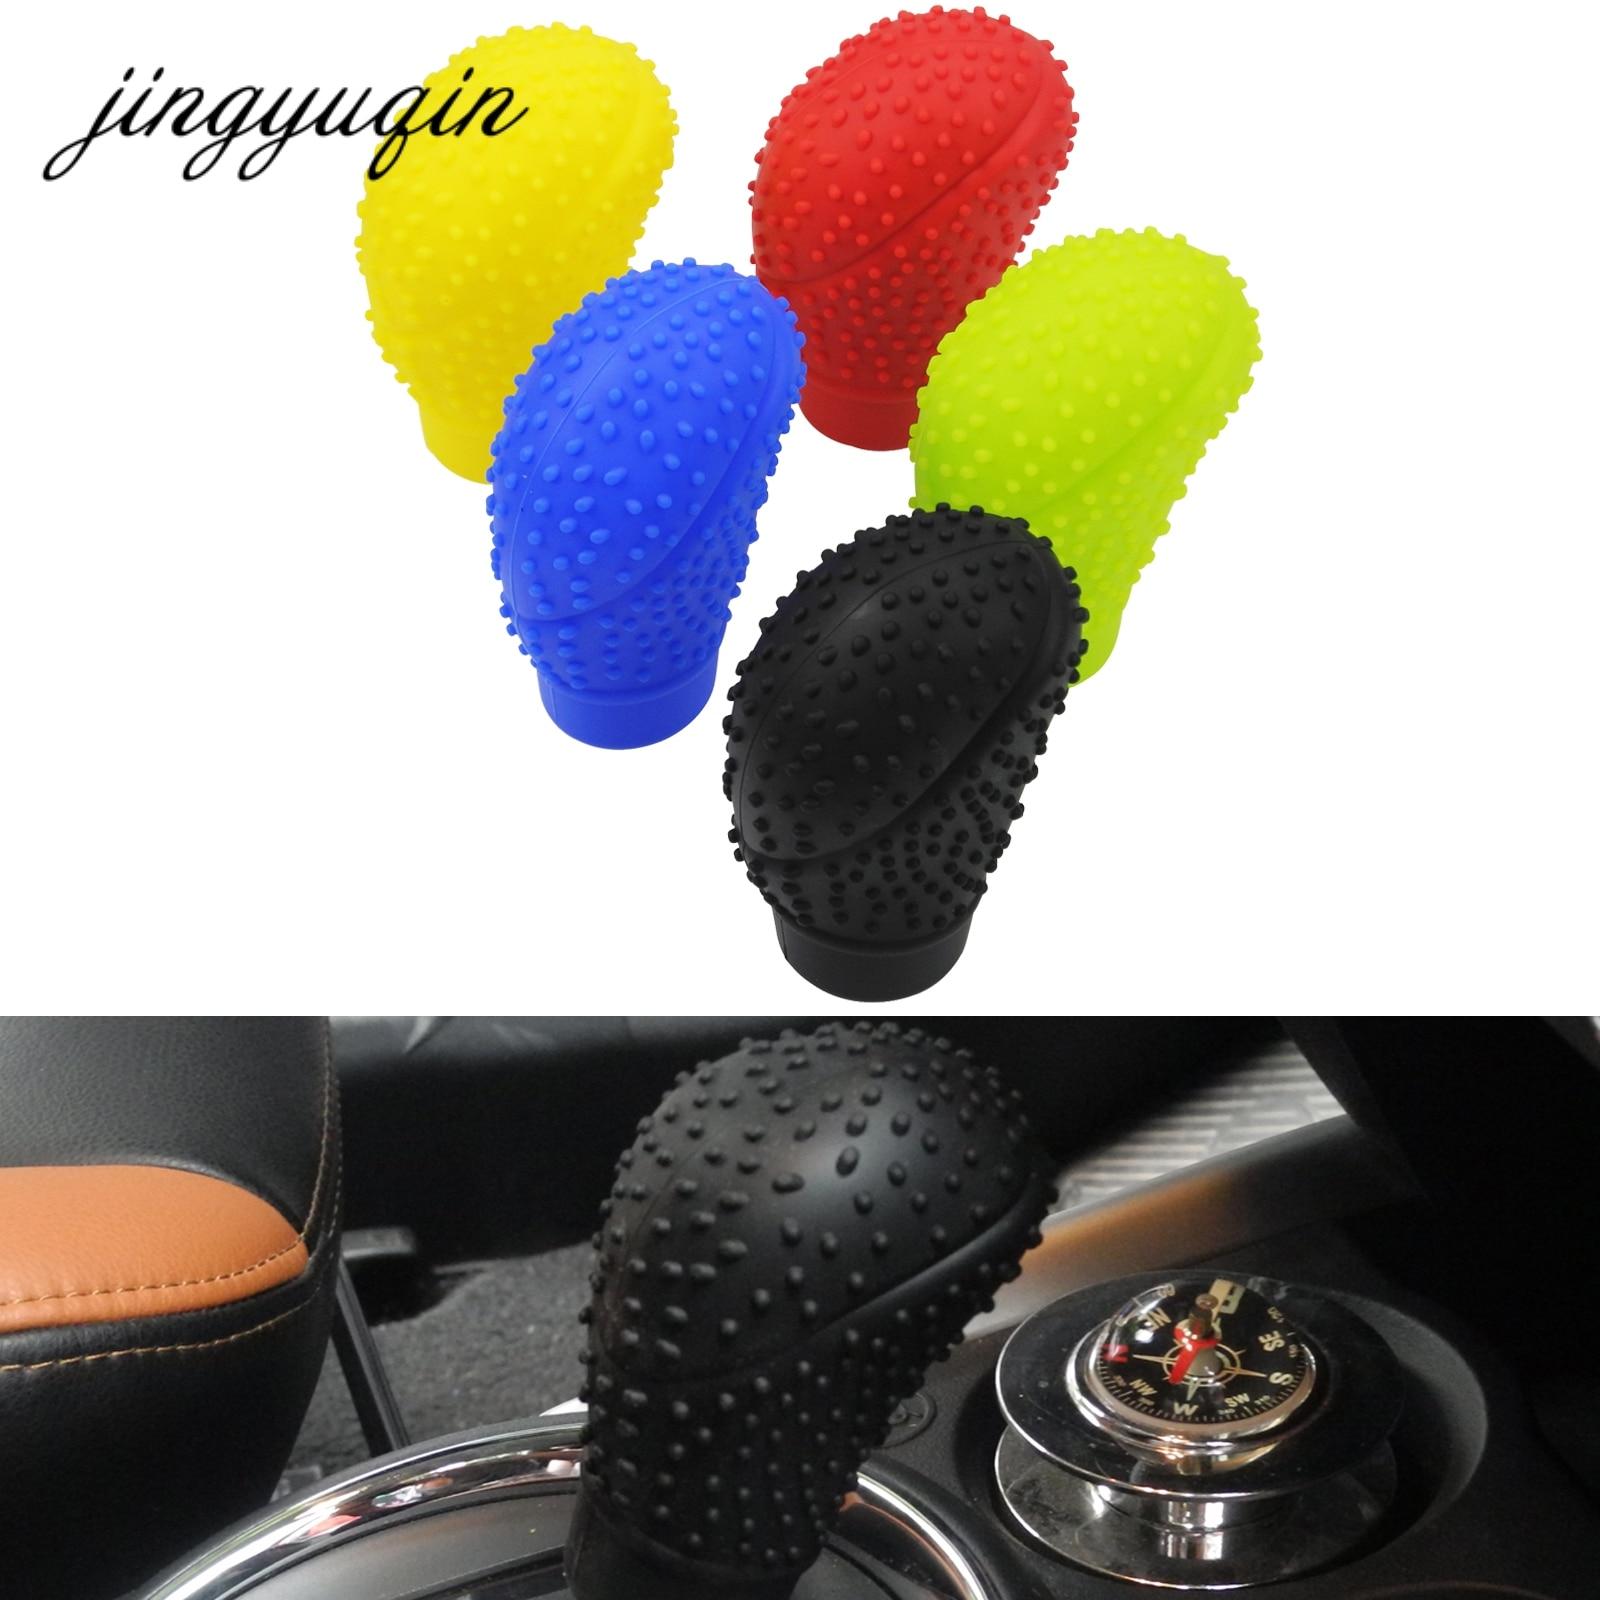 jingyuqin Universal Gear Shift Collars SD Antislip Soft Silicone Truck Car Gear Shifter Shift Lever Knob Cover|knob cover|gear shift collars|shift collars - title=